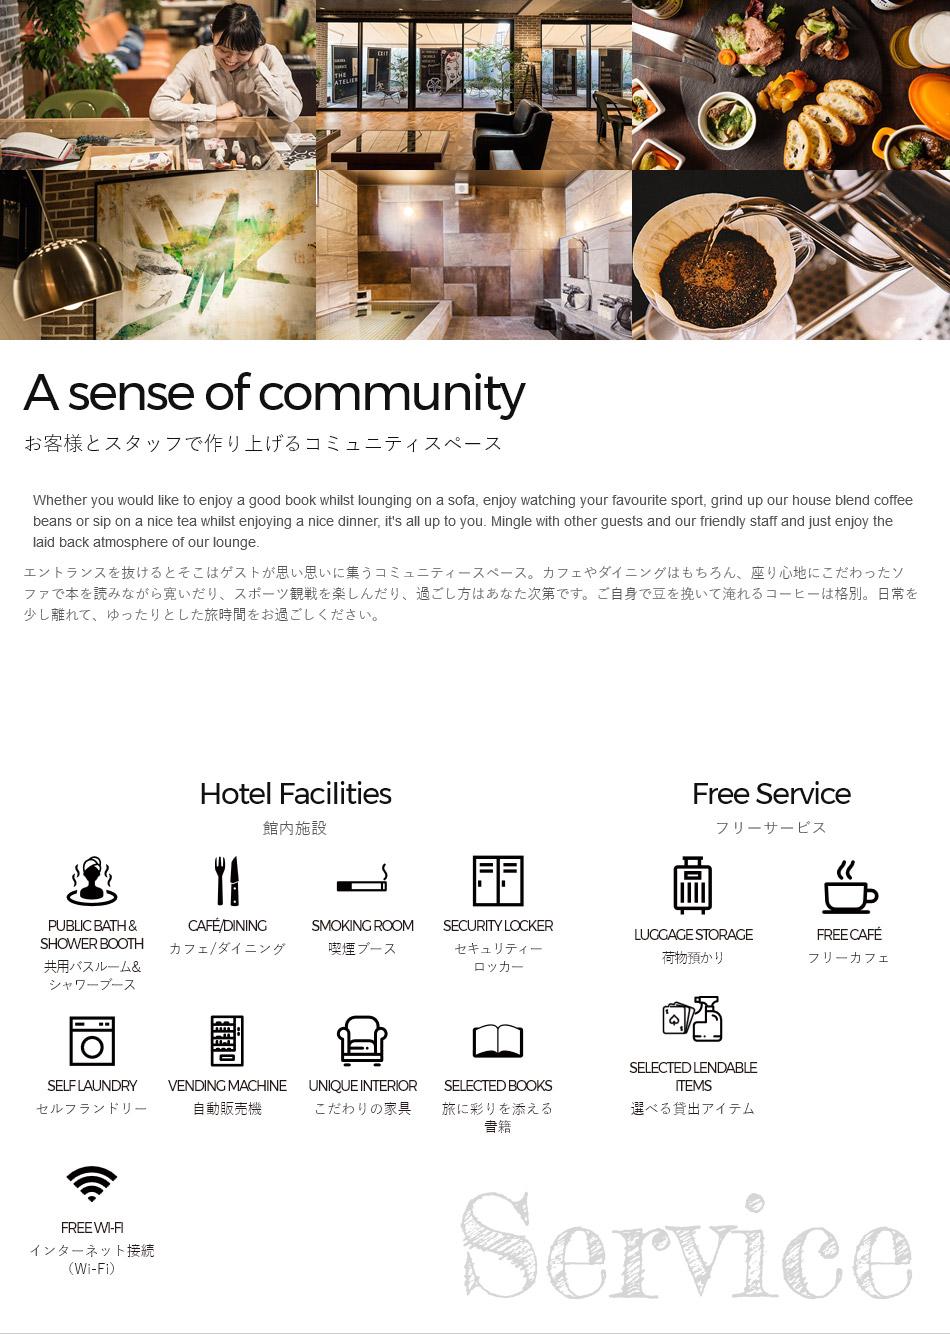 お客様とスタッフで作り上げるコミュニティスペース